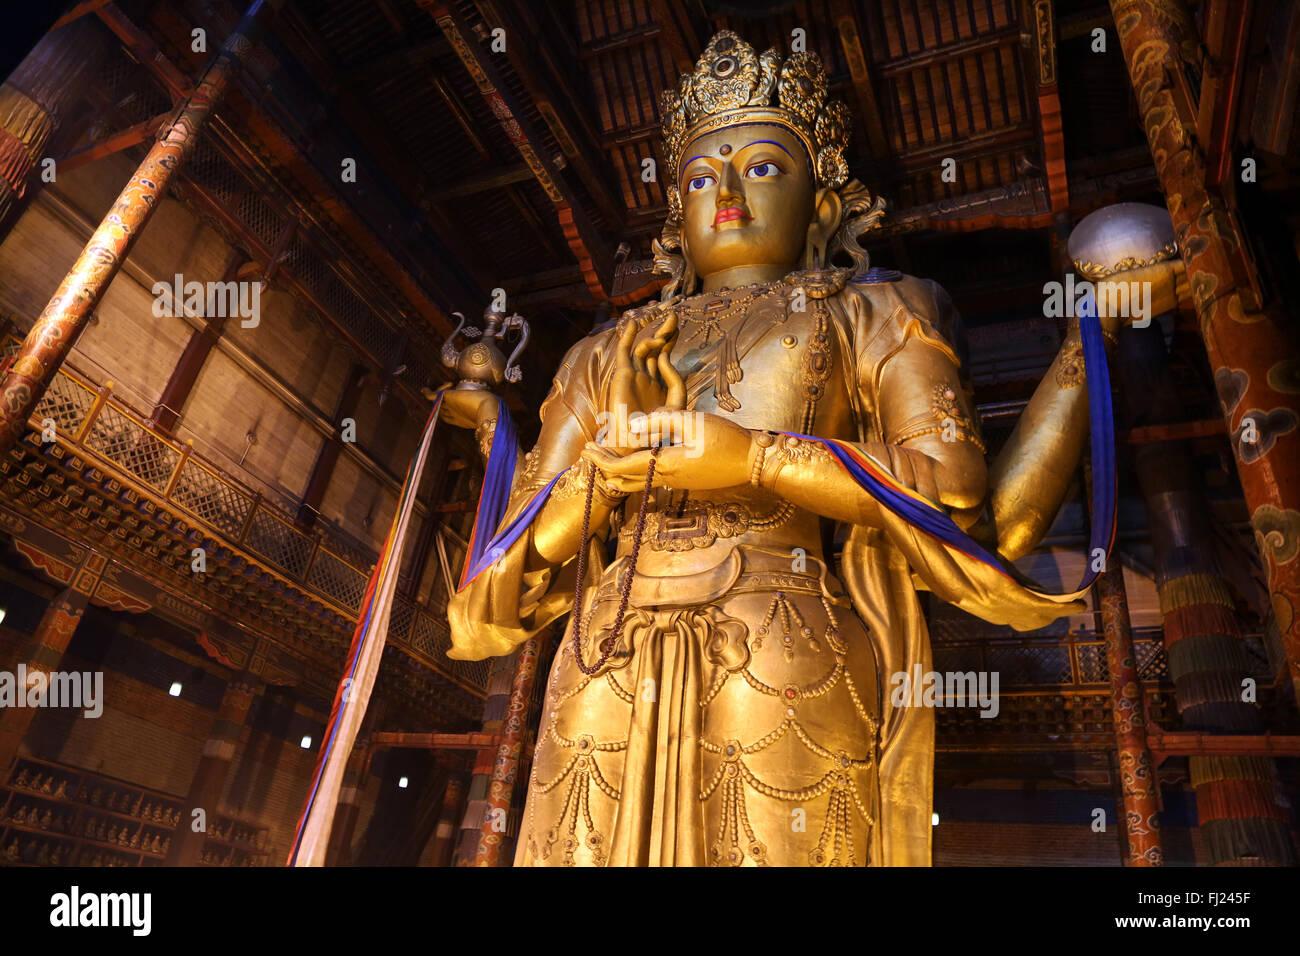 Riesige Avalokite?vara Statue in Gandantegchinlen Kloster, Ulaanbaatar, Mongolei Stockbild